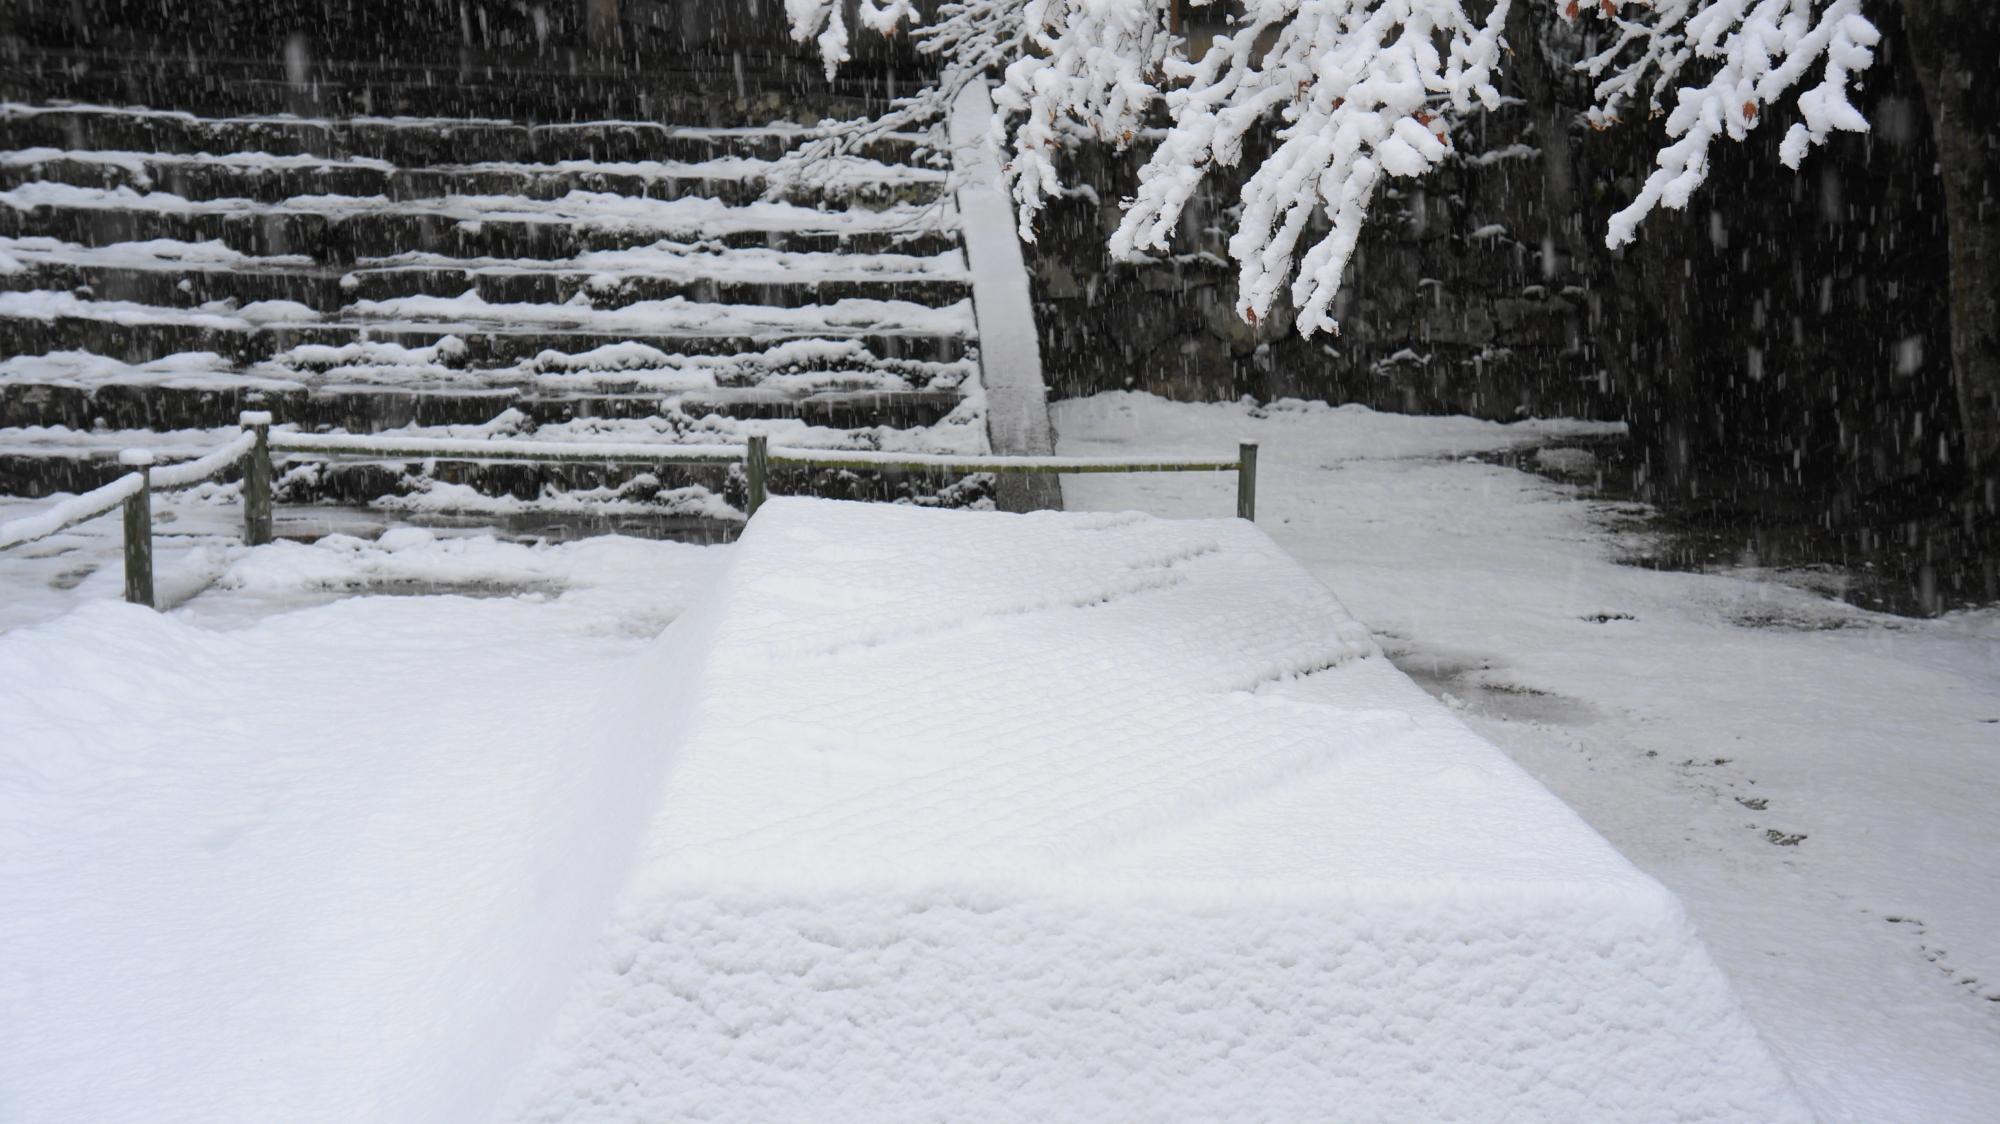 法然院の風情と美しさを兼ね備えた冬景色